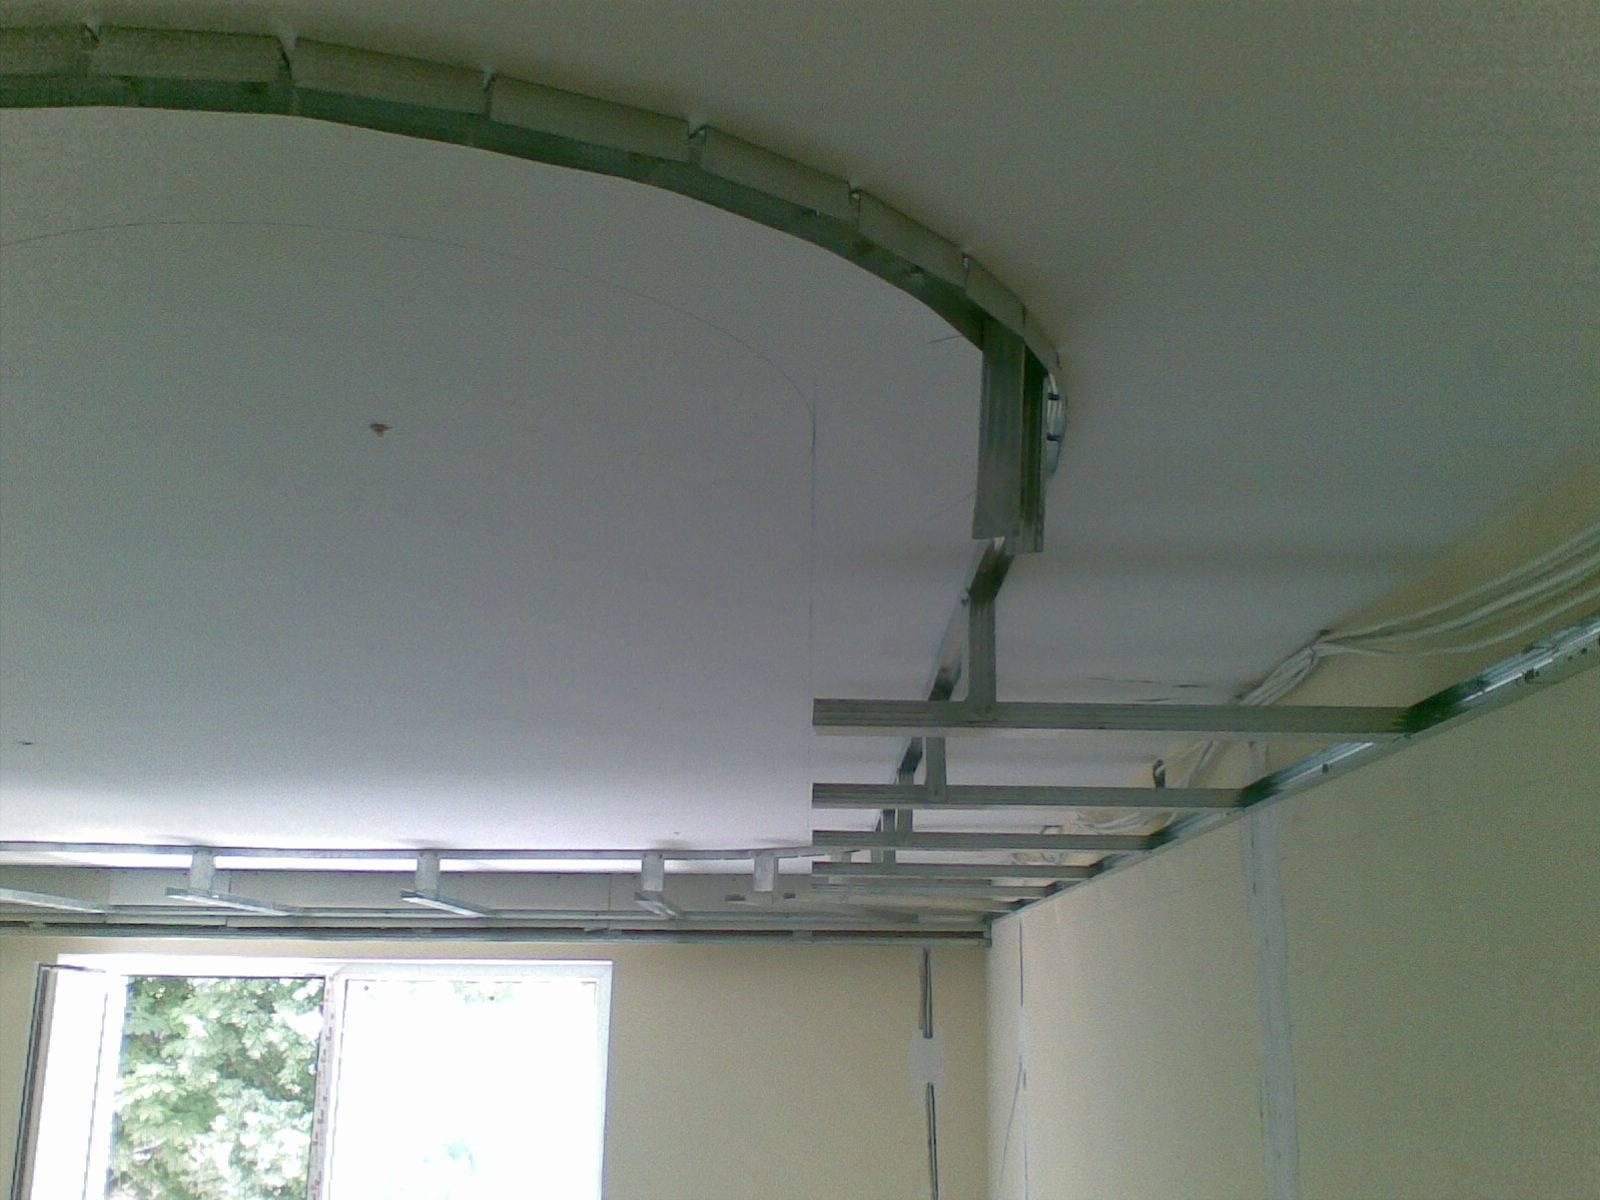 Как сделать гипсокартонный потолок своими руками с помощью видео инструкции и фото